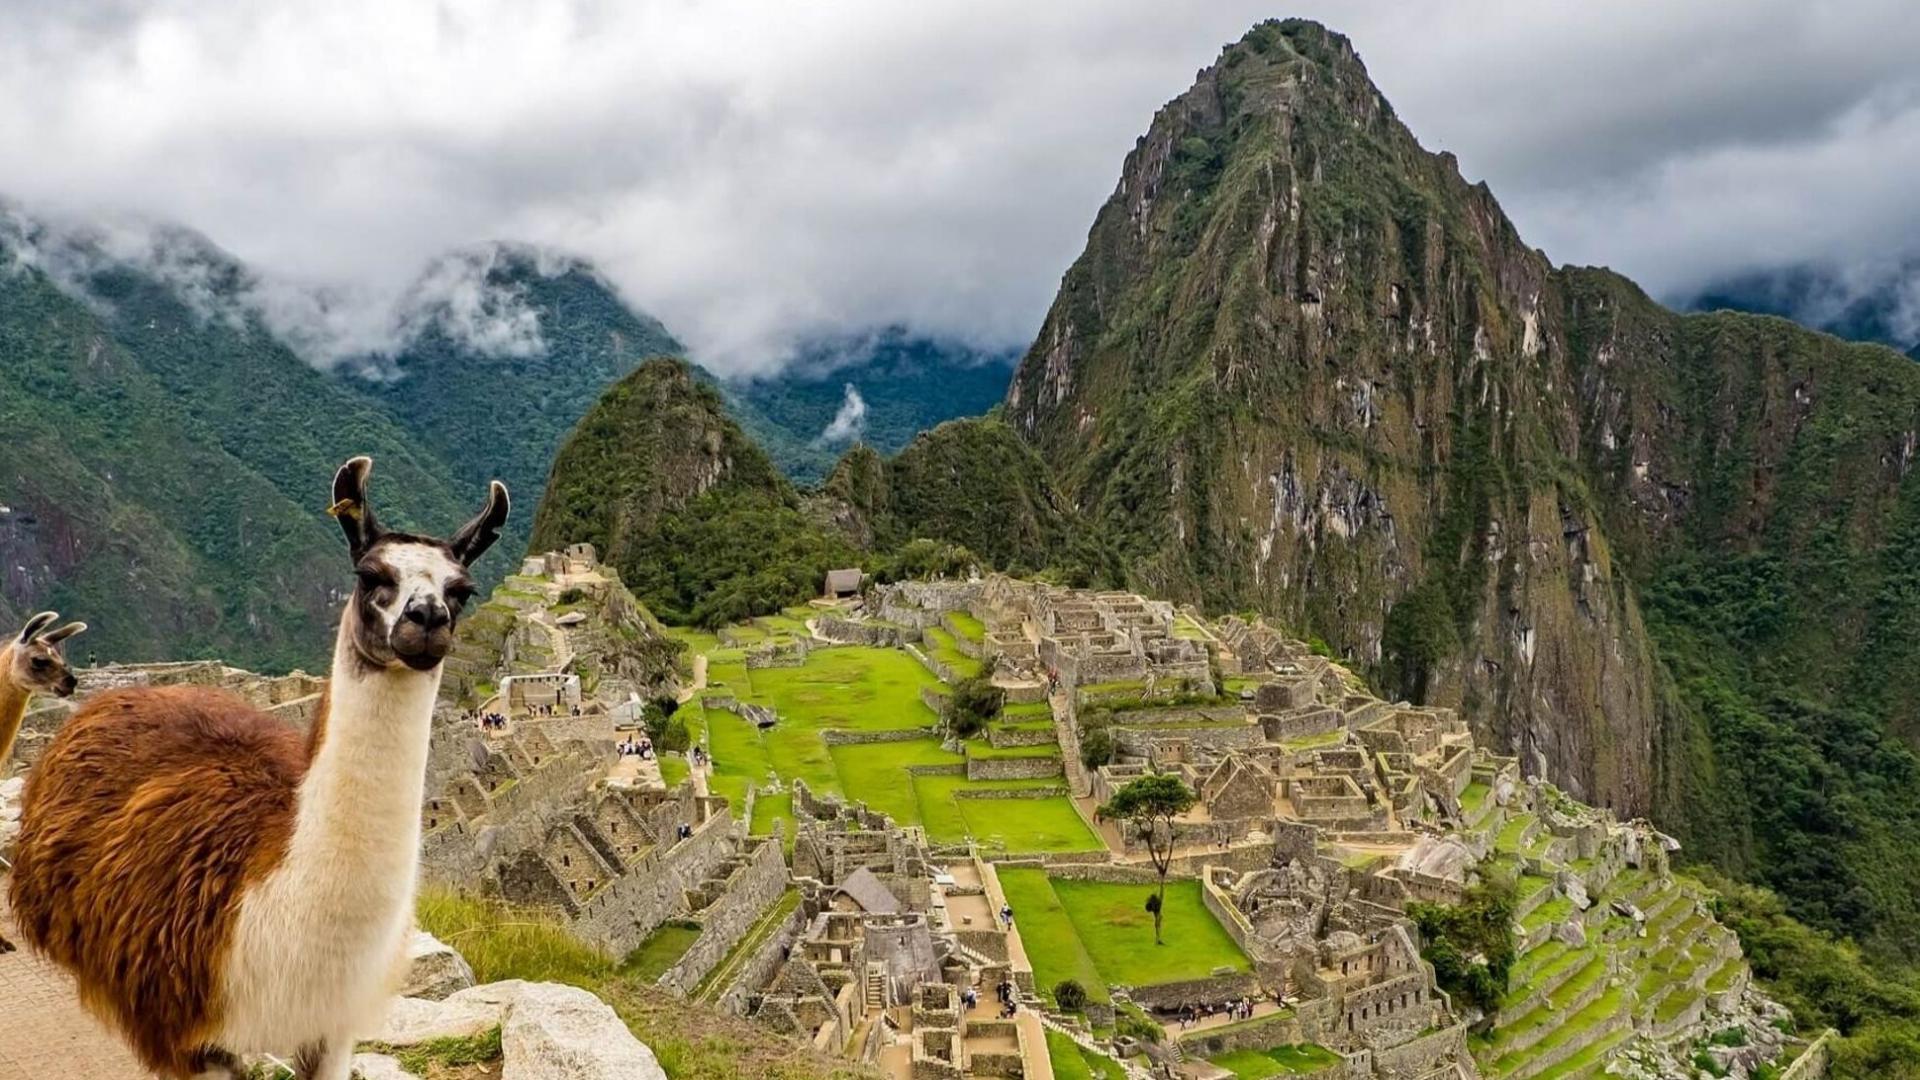 Susipažinkite su alpaka - dažnai sutinkama Peru gyventoja